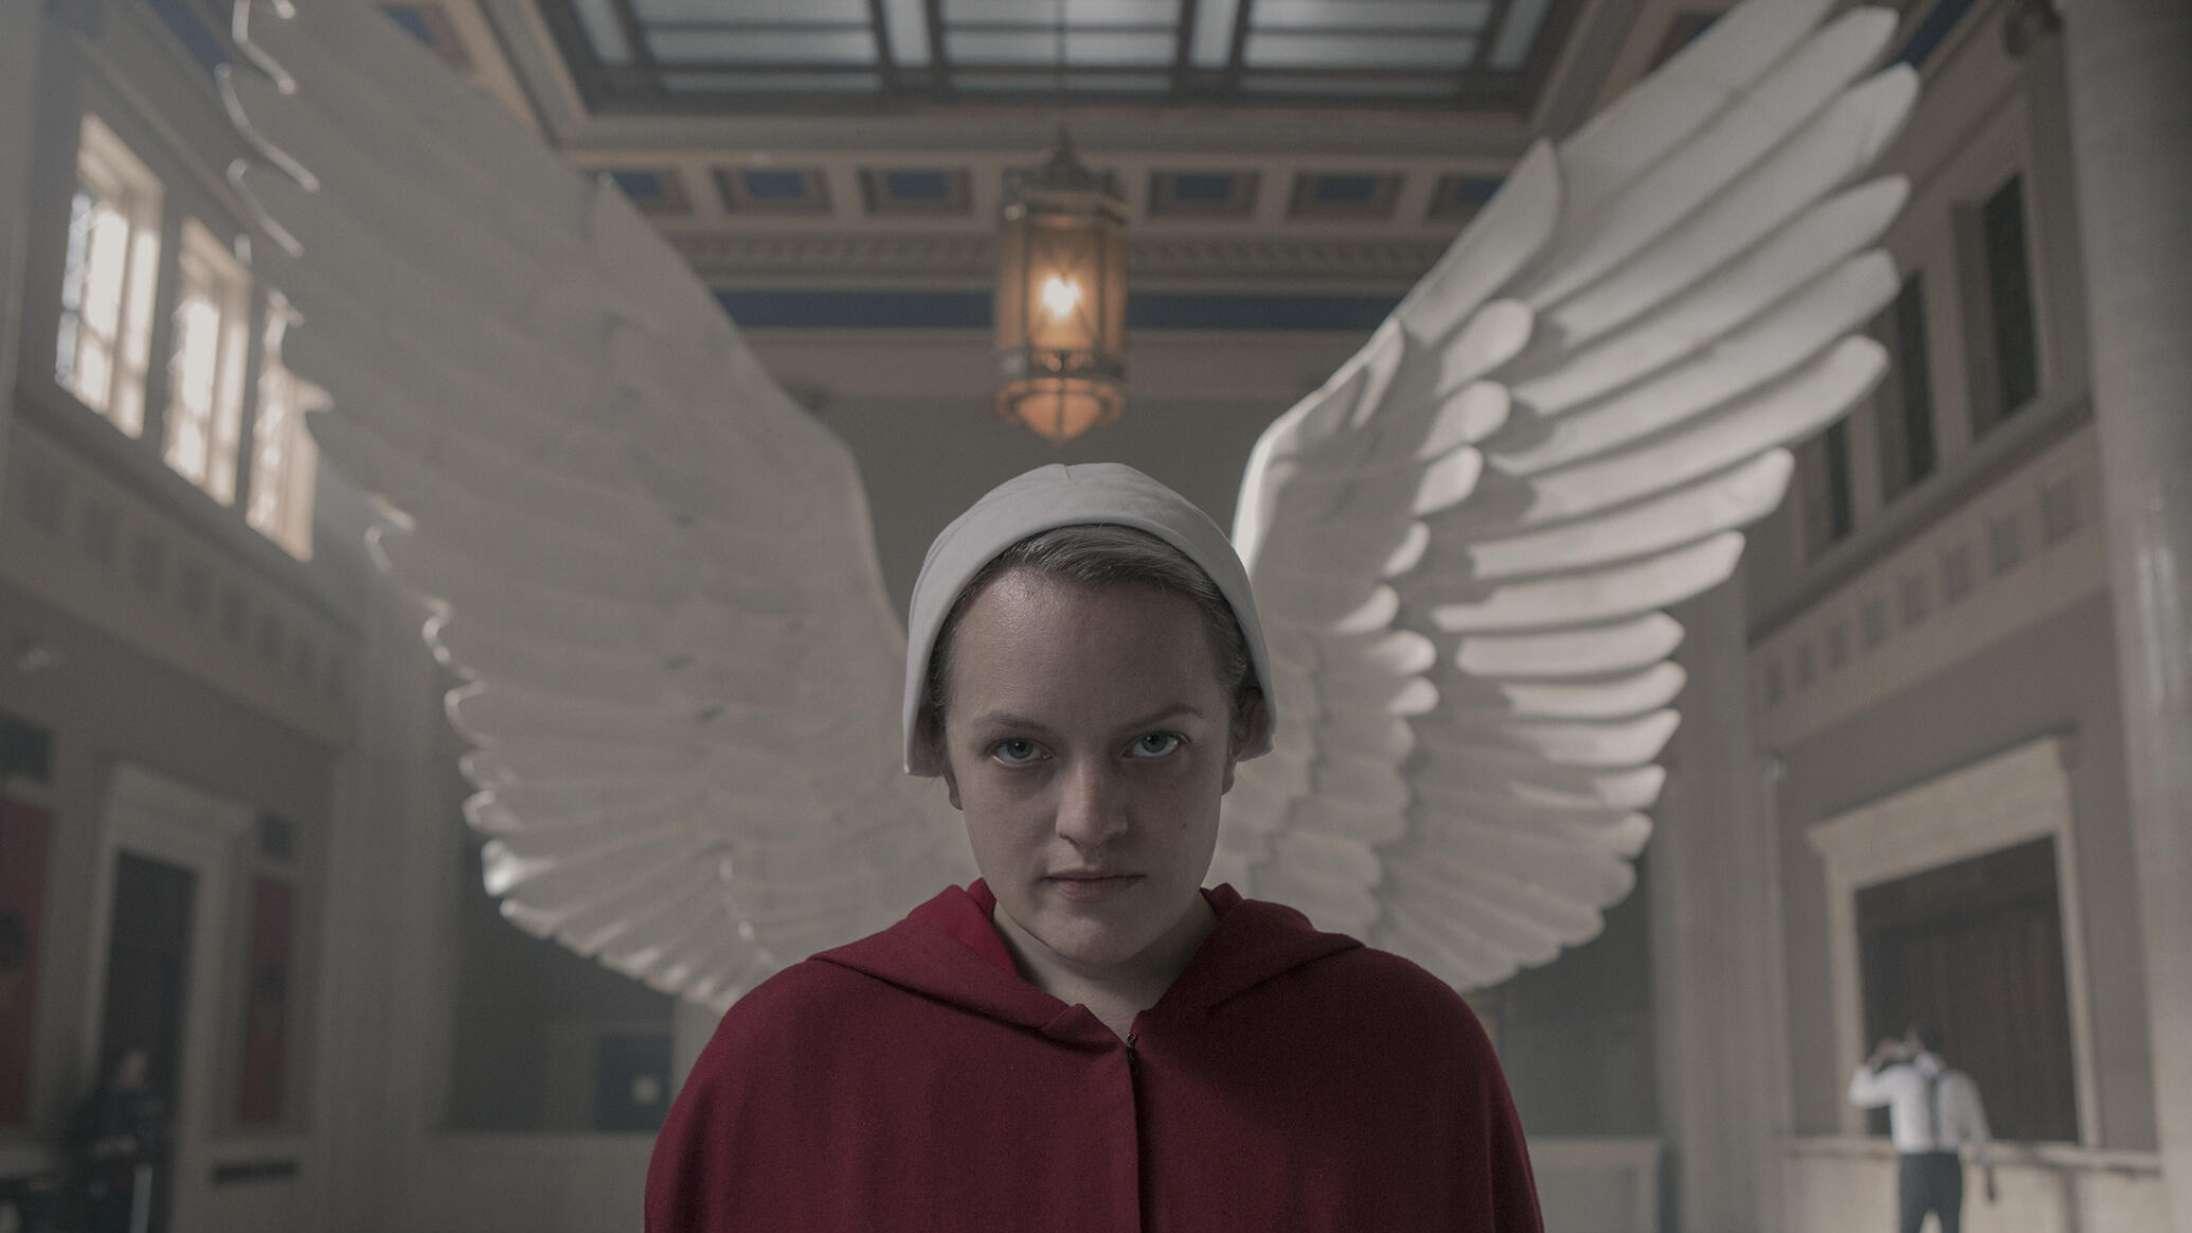 Gilead er på randen af krig i den højdramatiske nye trailer til fjerde sæson 'The Handmaid's Tale'